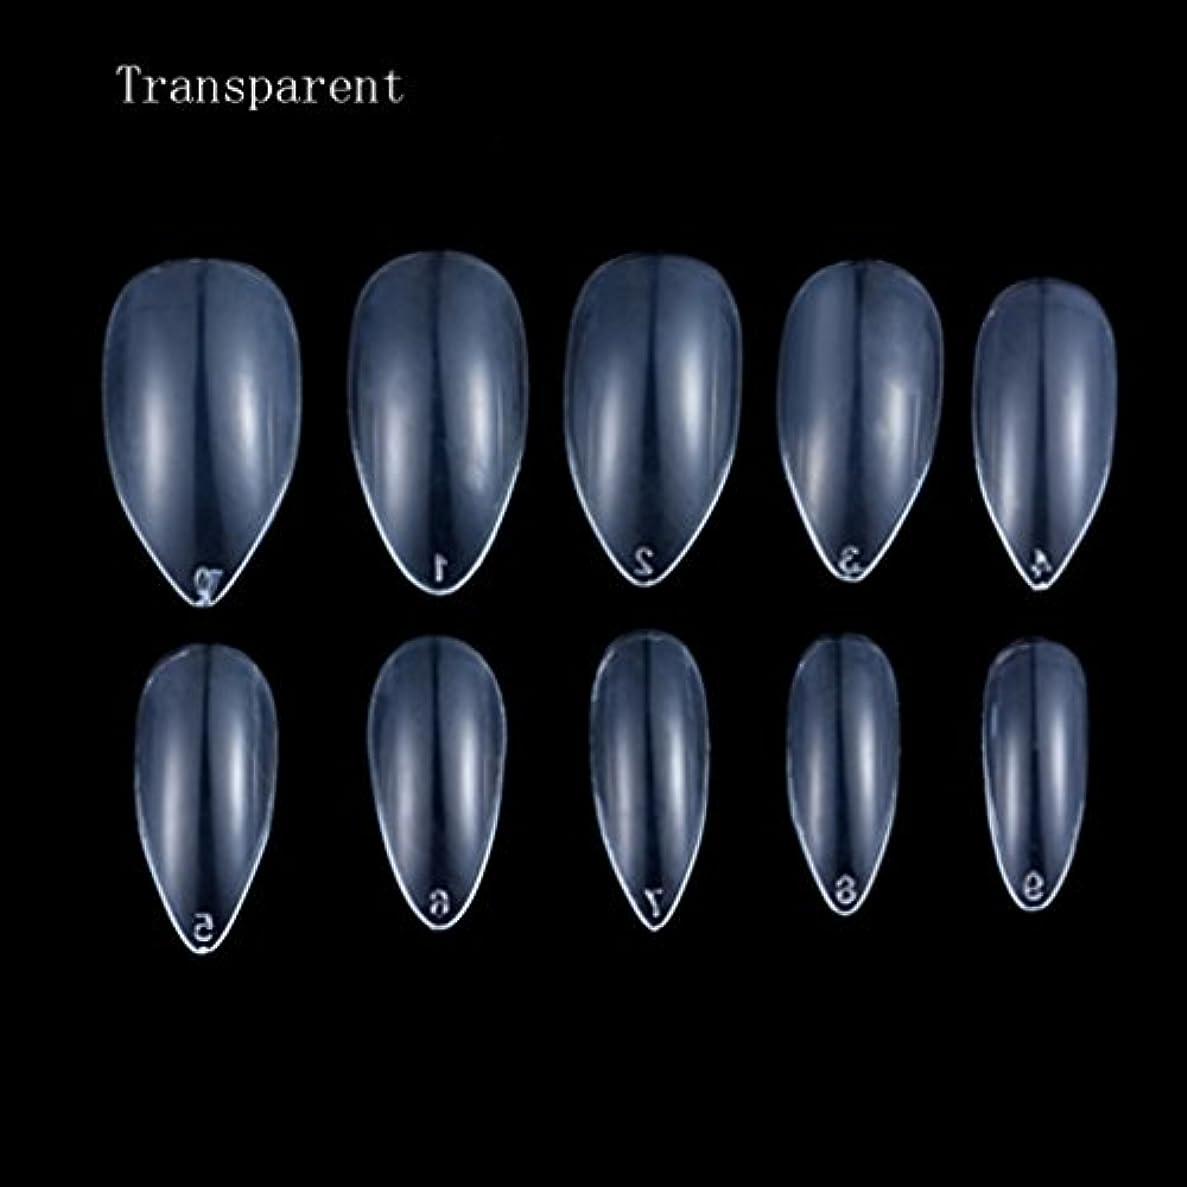 Honel つけ爪 無地 ショート ネイルチップ クリア ネイルチップ 短い 100枚入れ 10サイズ 爪にピッタリ 尖った爪 付け爪 ケース付き 透明 シャープ ポイント(ハロウィン コスプレも対応できます)